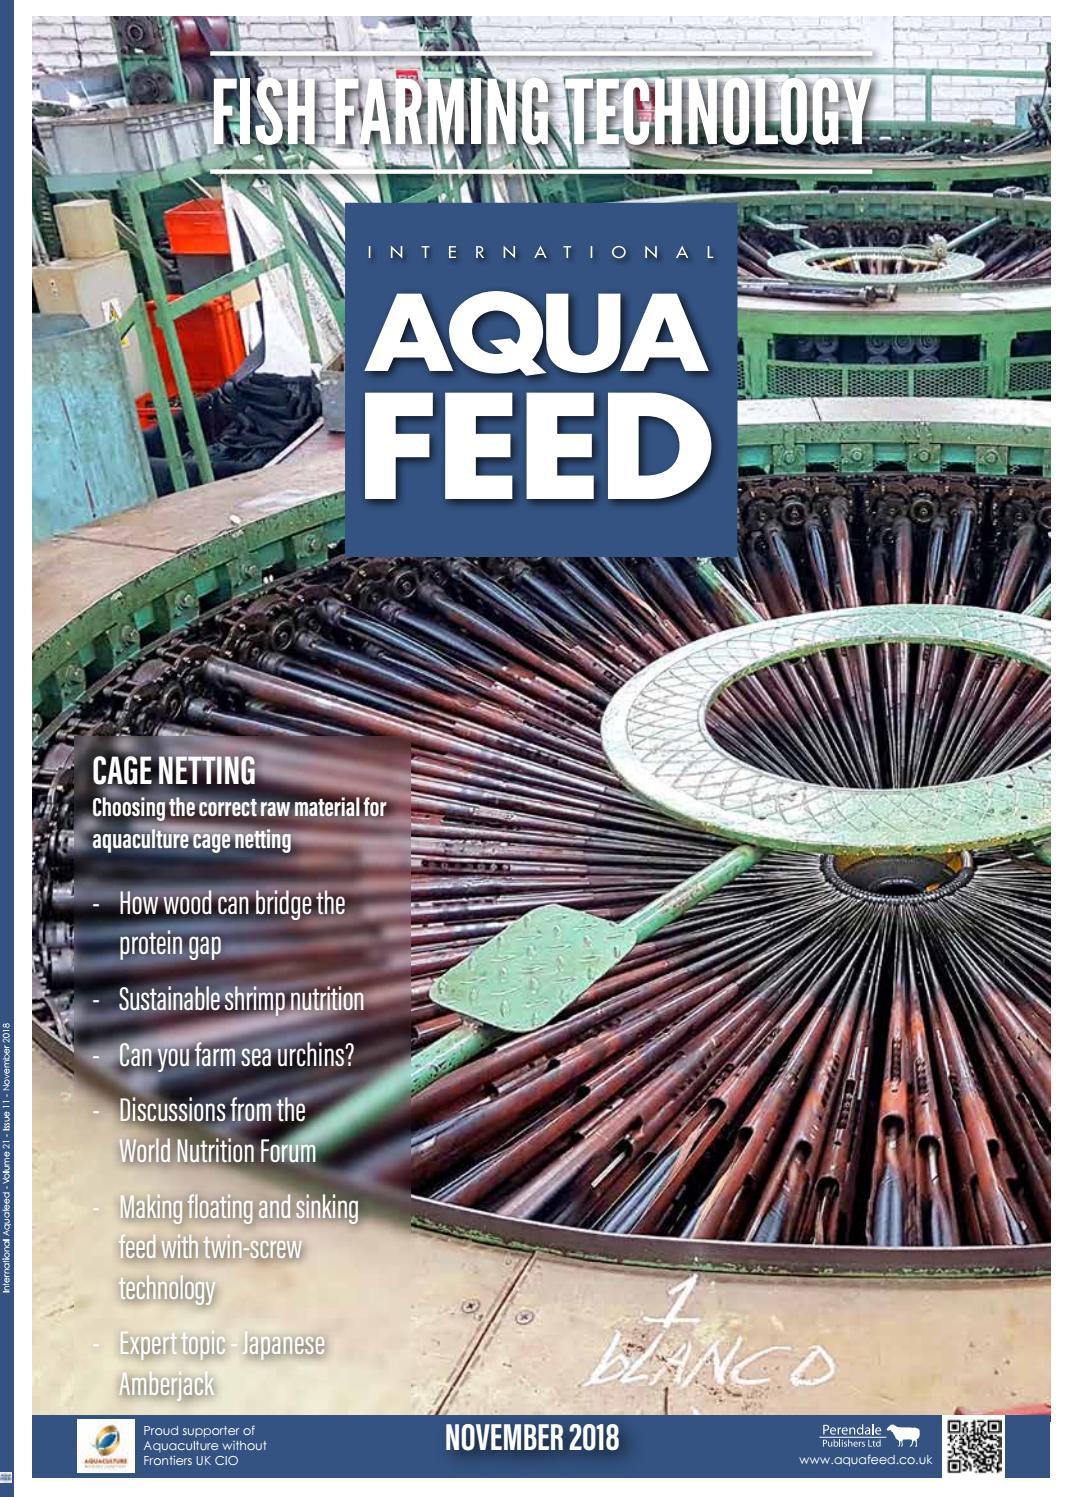 NOV 2018 - International Aquafeed magazine by Perendale Publishers